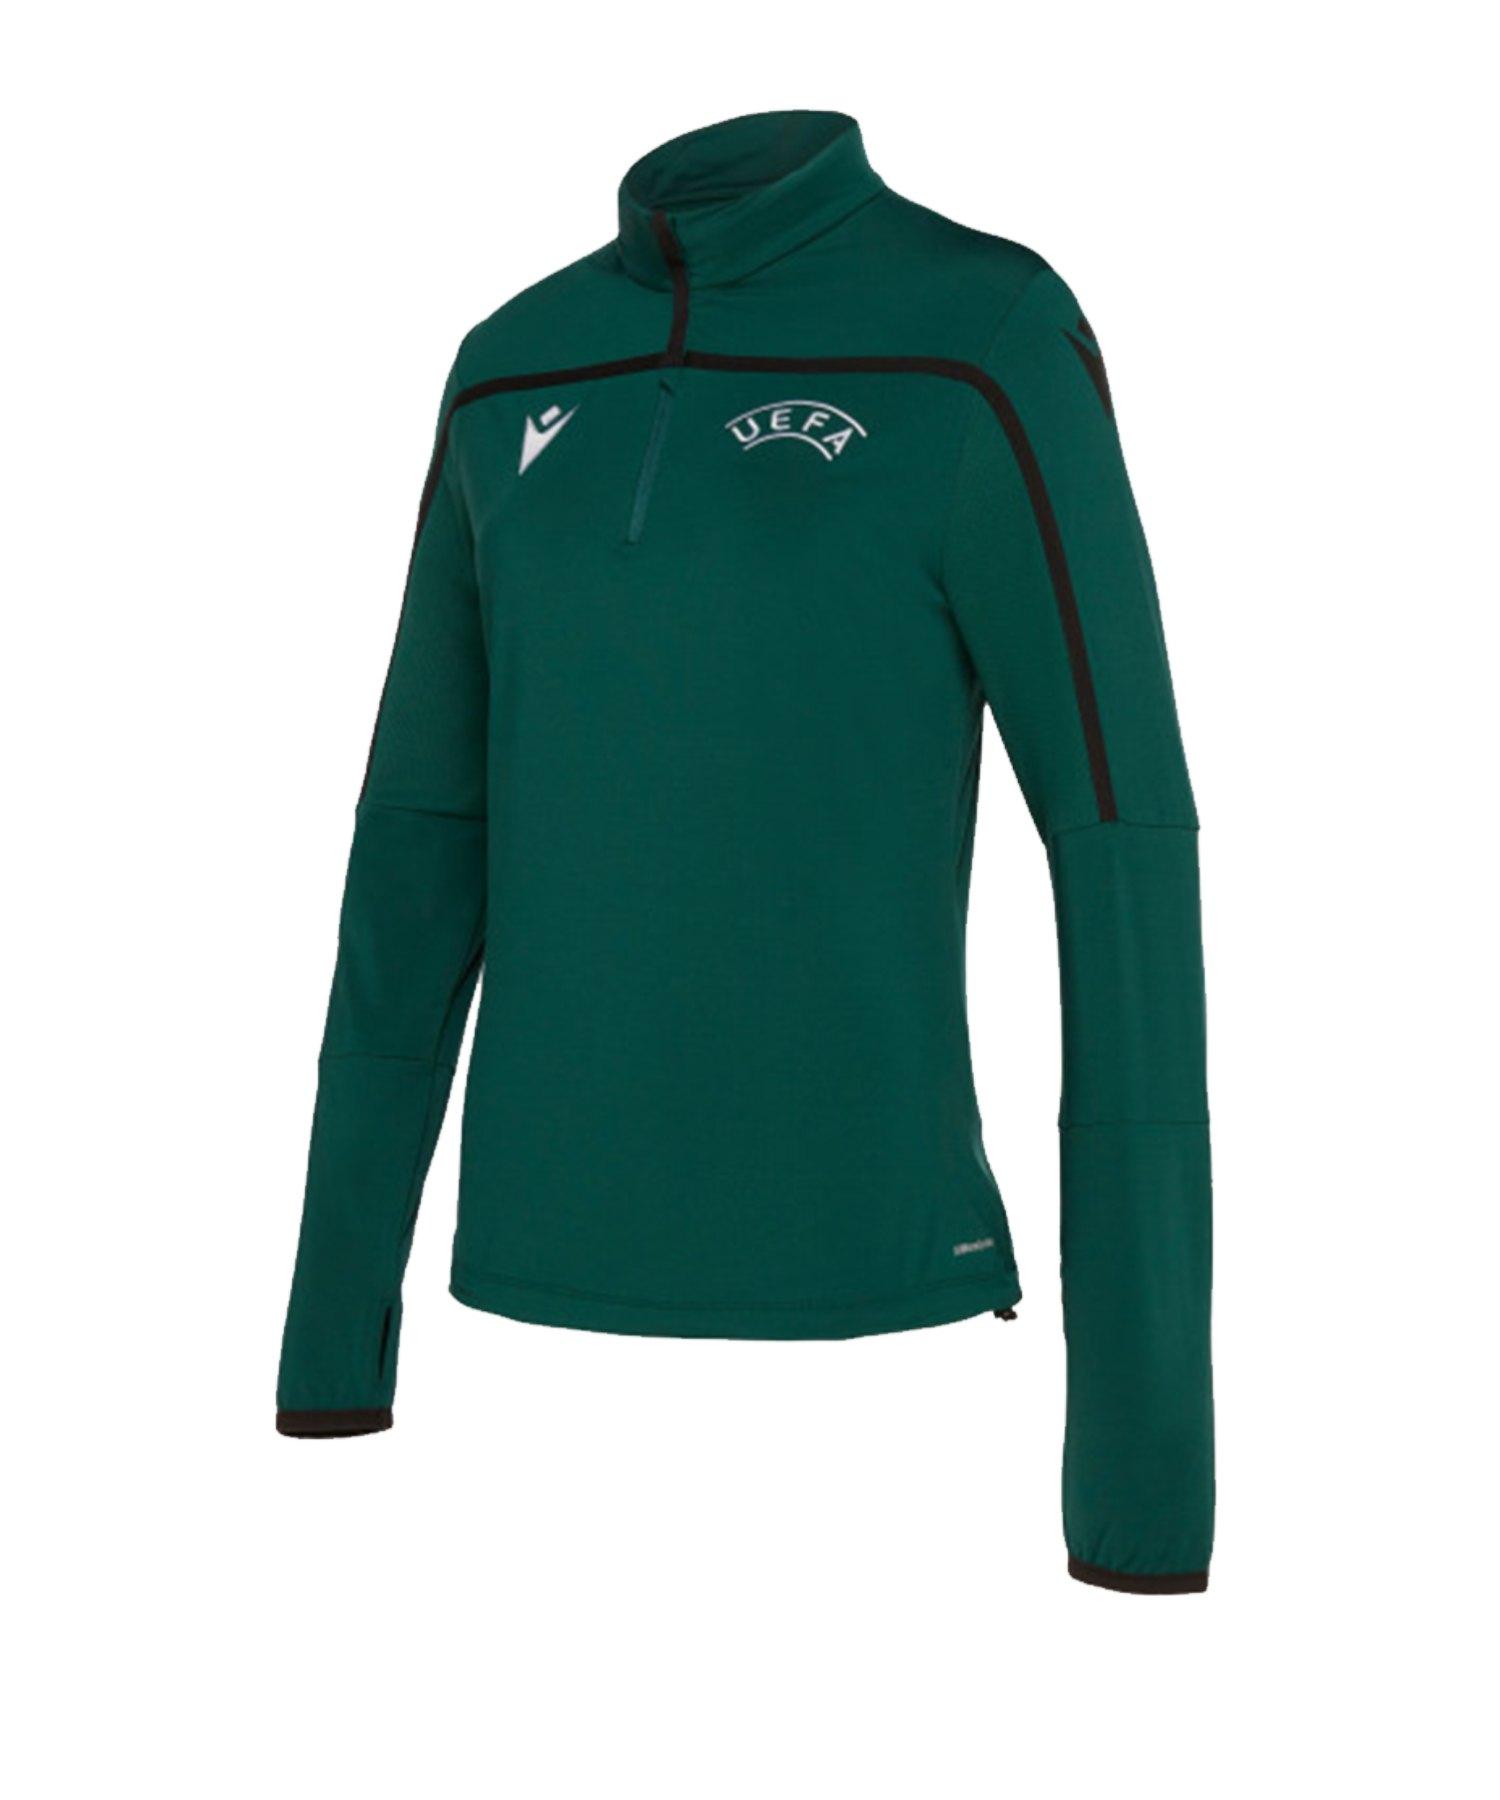 Macron UEFA Training Sweatshirt Damen Grün - gruen